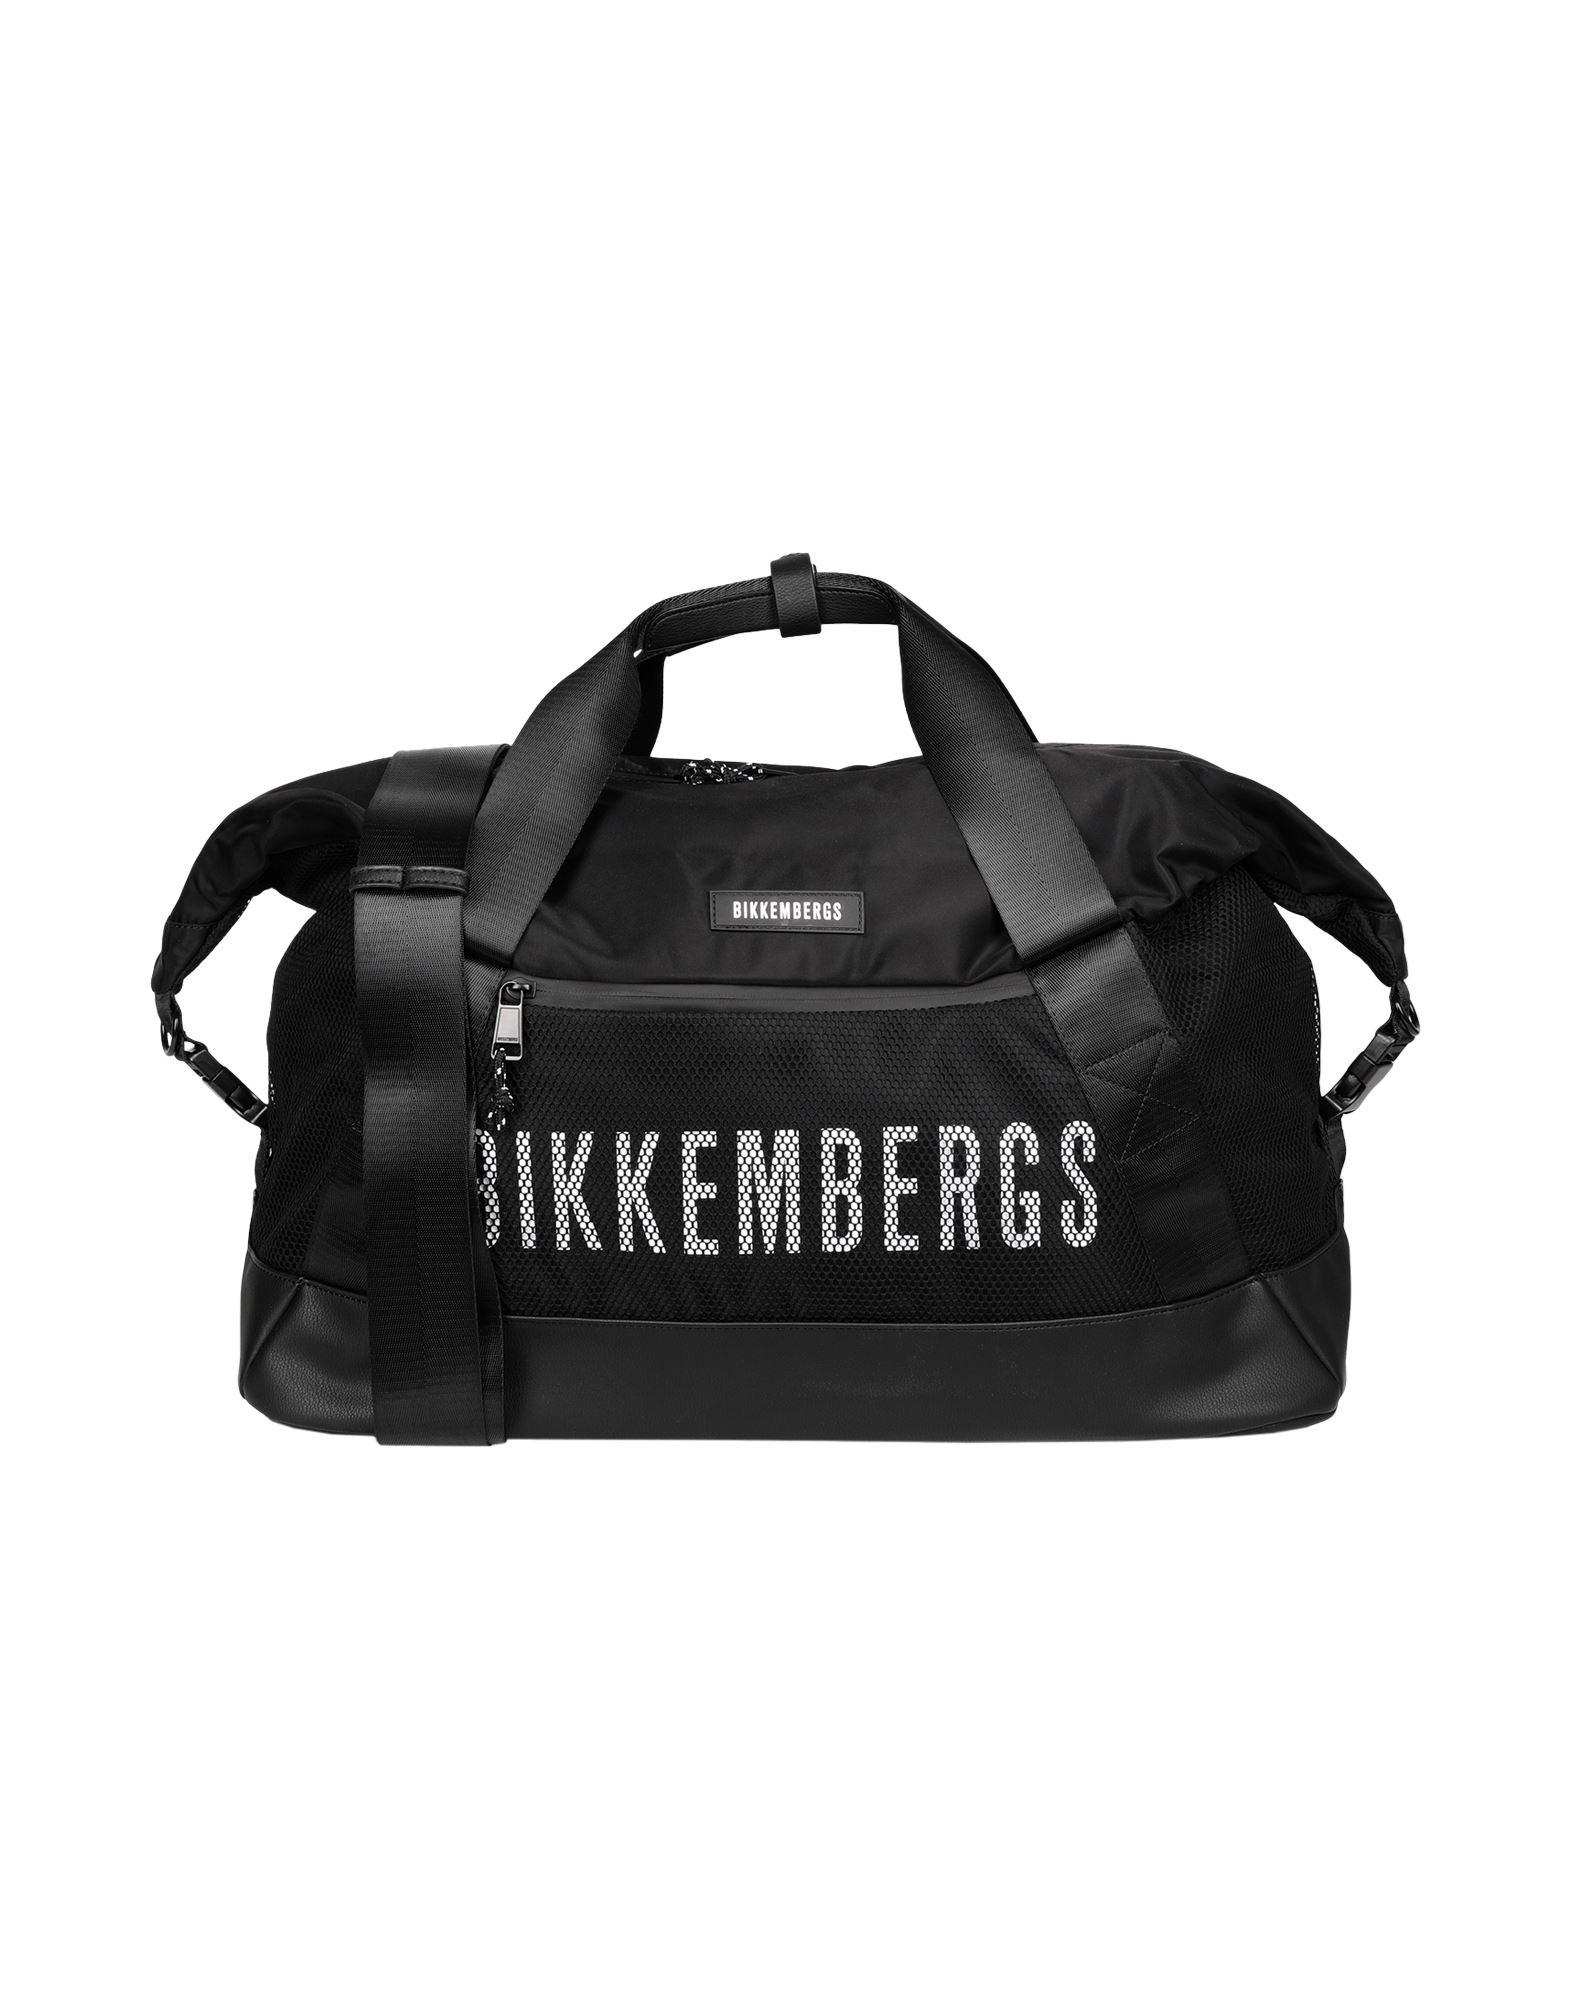 BIKKEMBERGS Travel duffel bags - Item 55020681